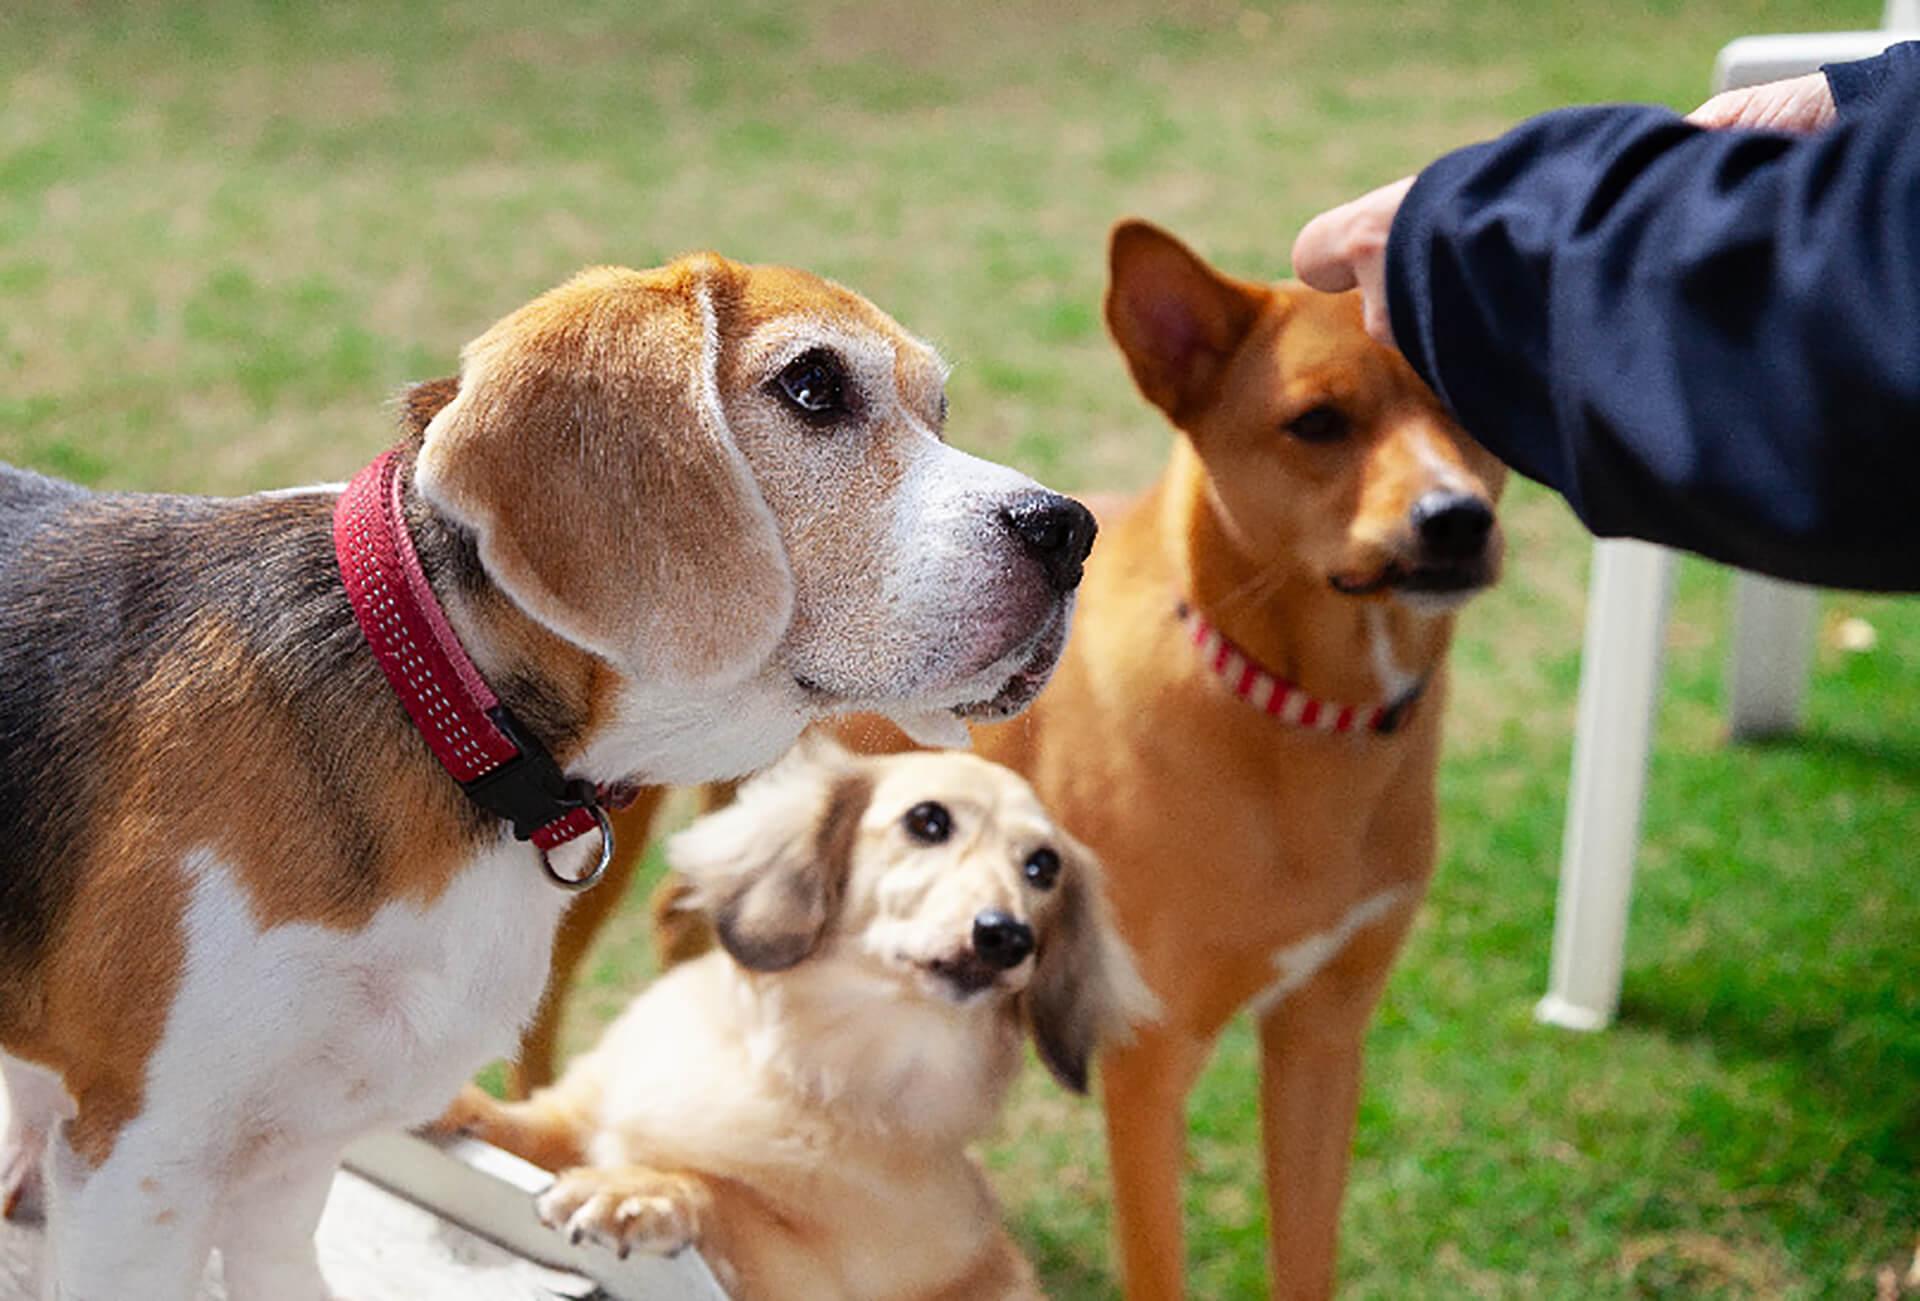 この写真は社員犬と触れ合う様子